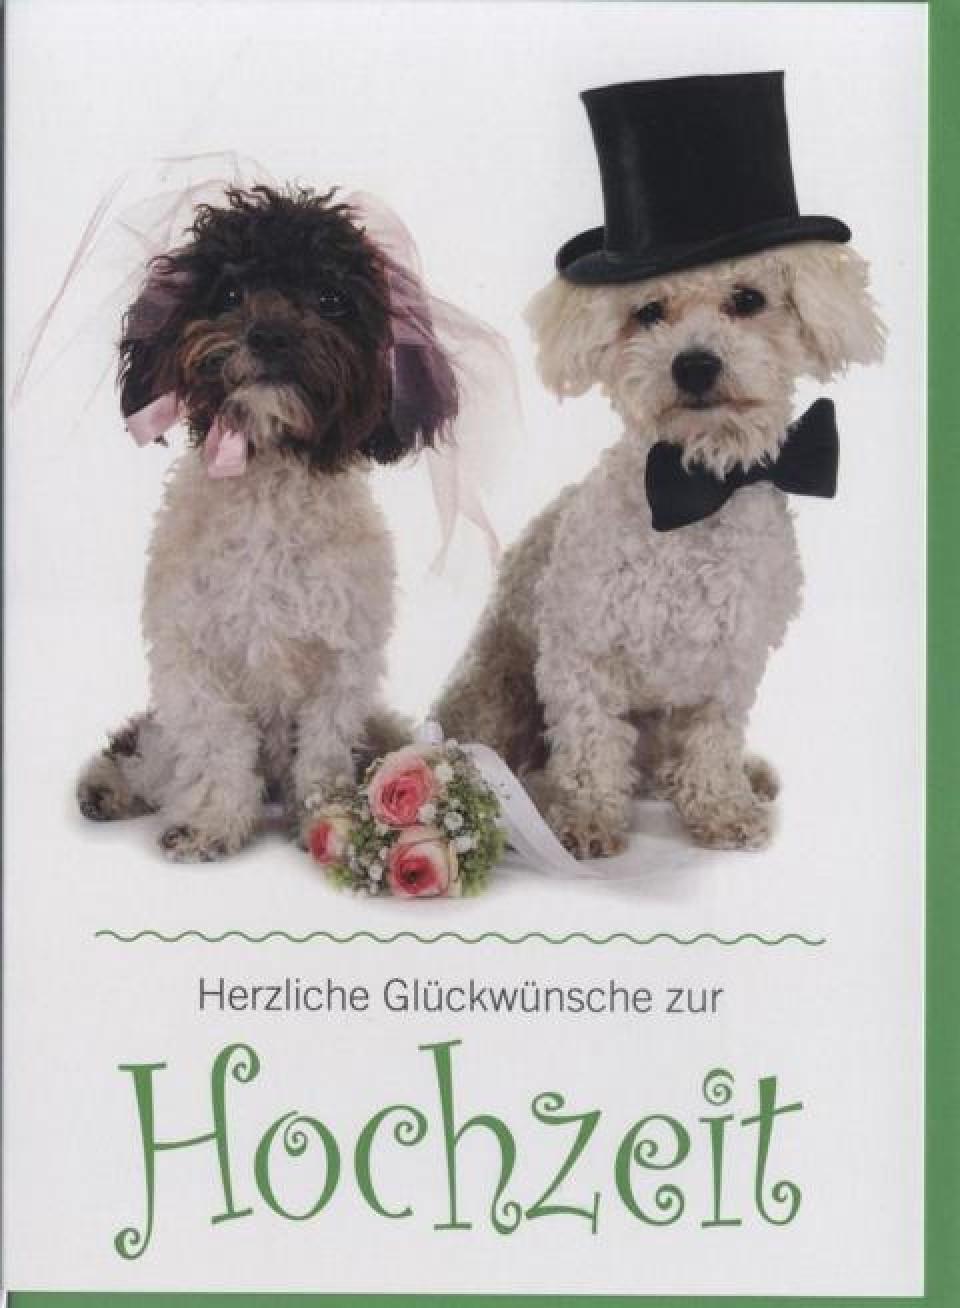 Lustige Geschichte Zur Hochzeit  Glückwunschkarte zur Hochzeit Hunde Tiere Herzlichen